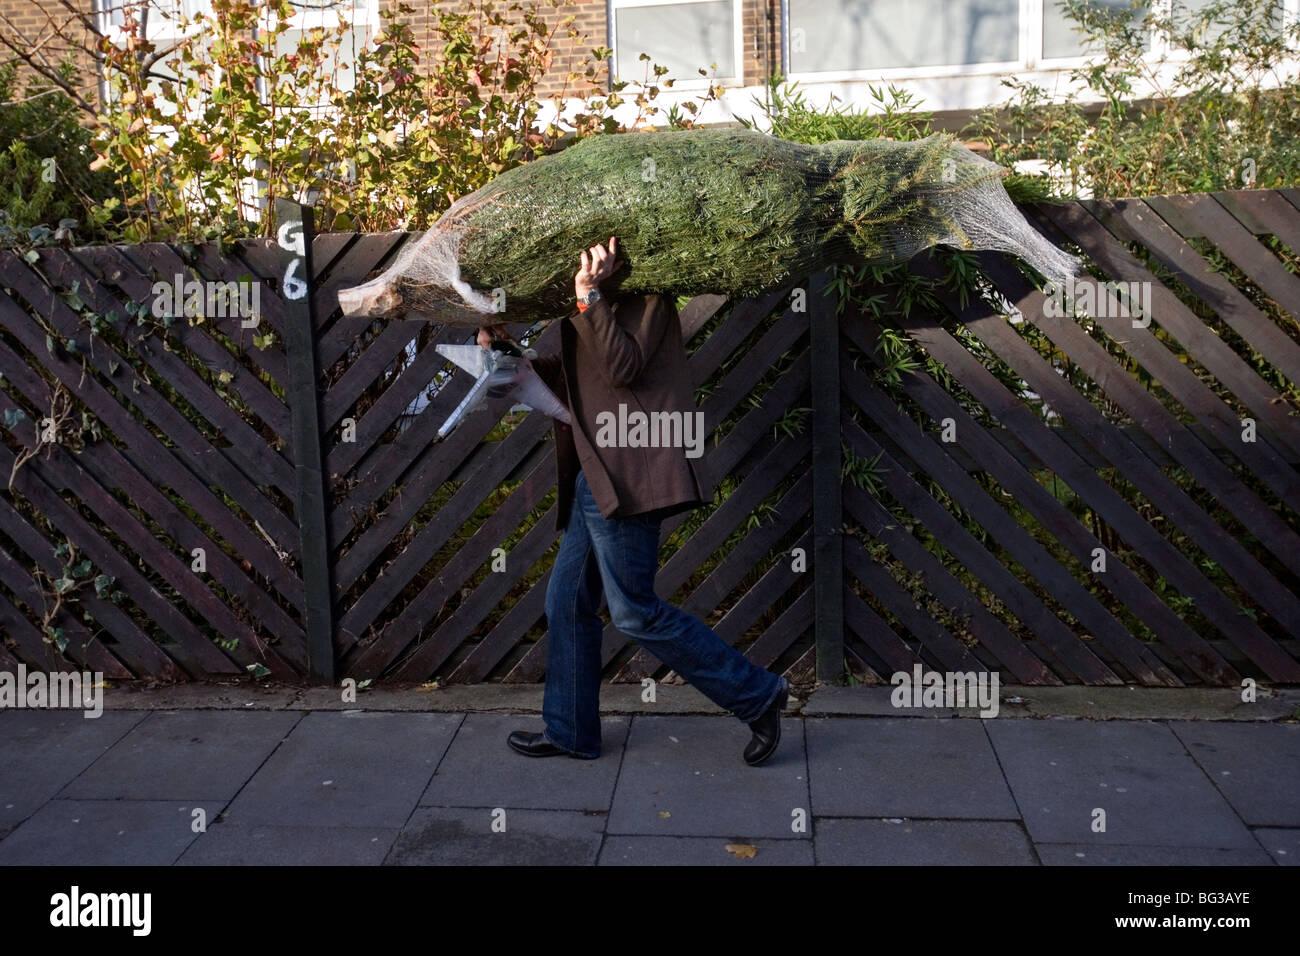 ein Mann, der einen Weihnachtsbaum an Columbia Road Flower Market in London gekauft hat Stockfoto